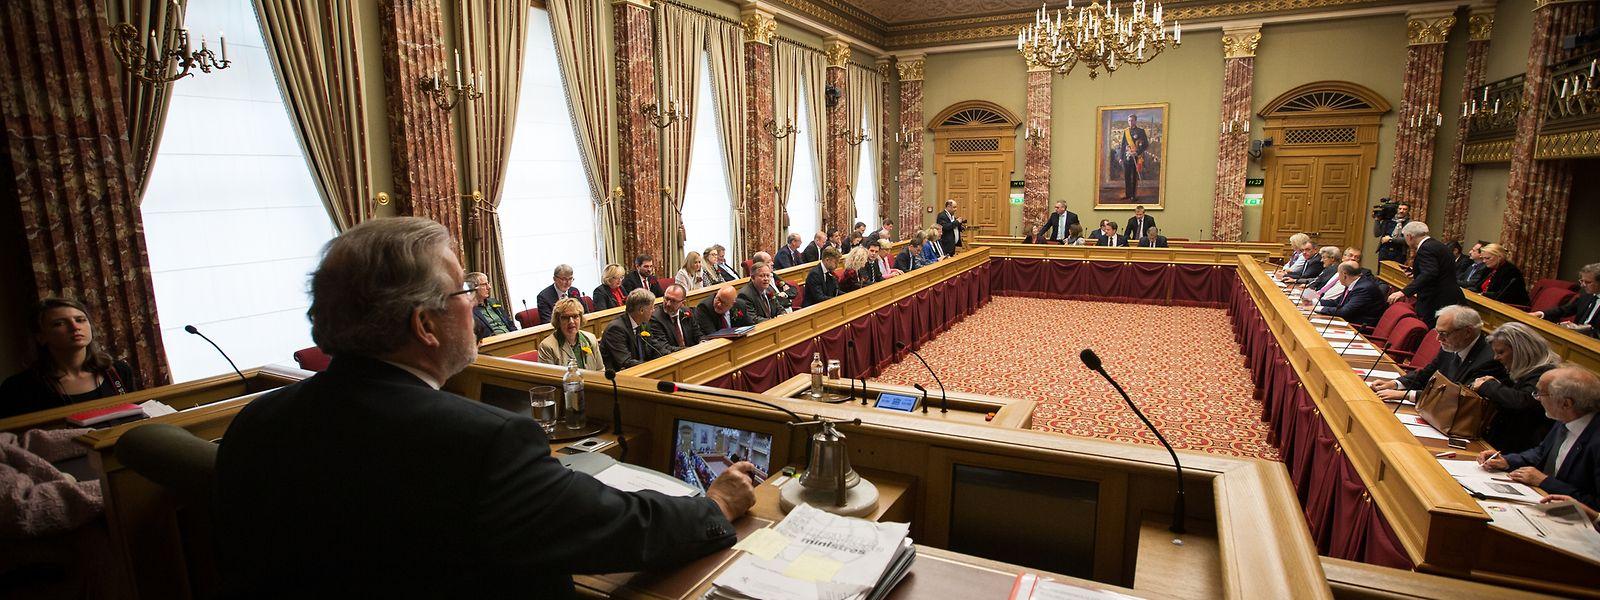 Contrairement au Parlement français, composé de deux Chambres distinctes (le Sénat et l'Assemblée nationale, soit 925 députés au total, ndlr), le Luxembourg ne dispose que d'une seule Chambre avec seulement 60 députés à élire.